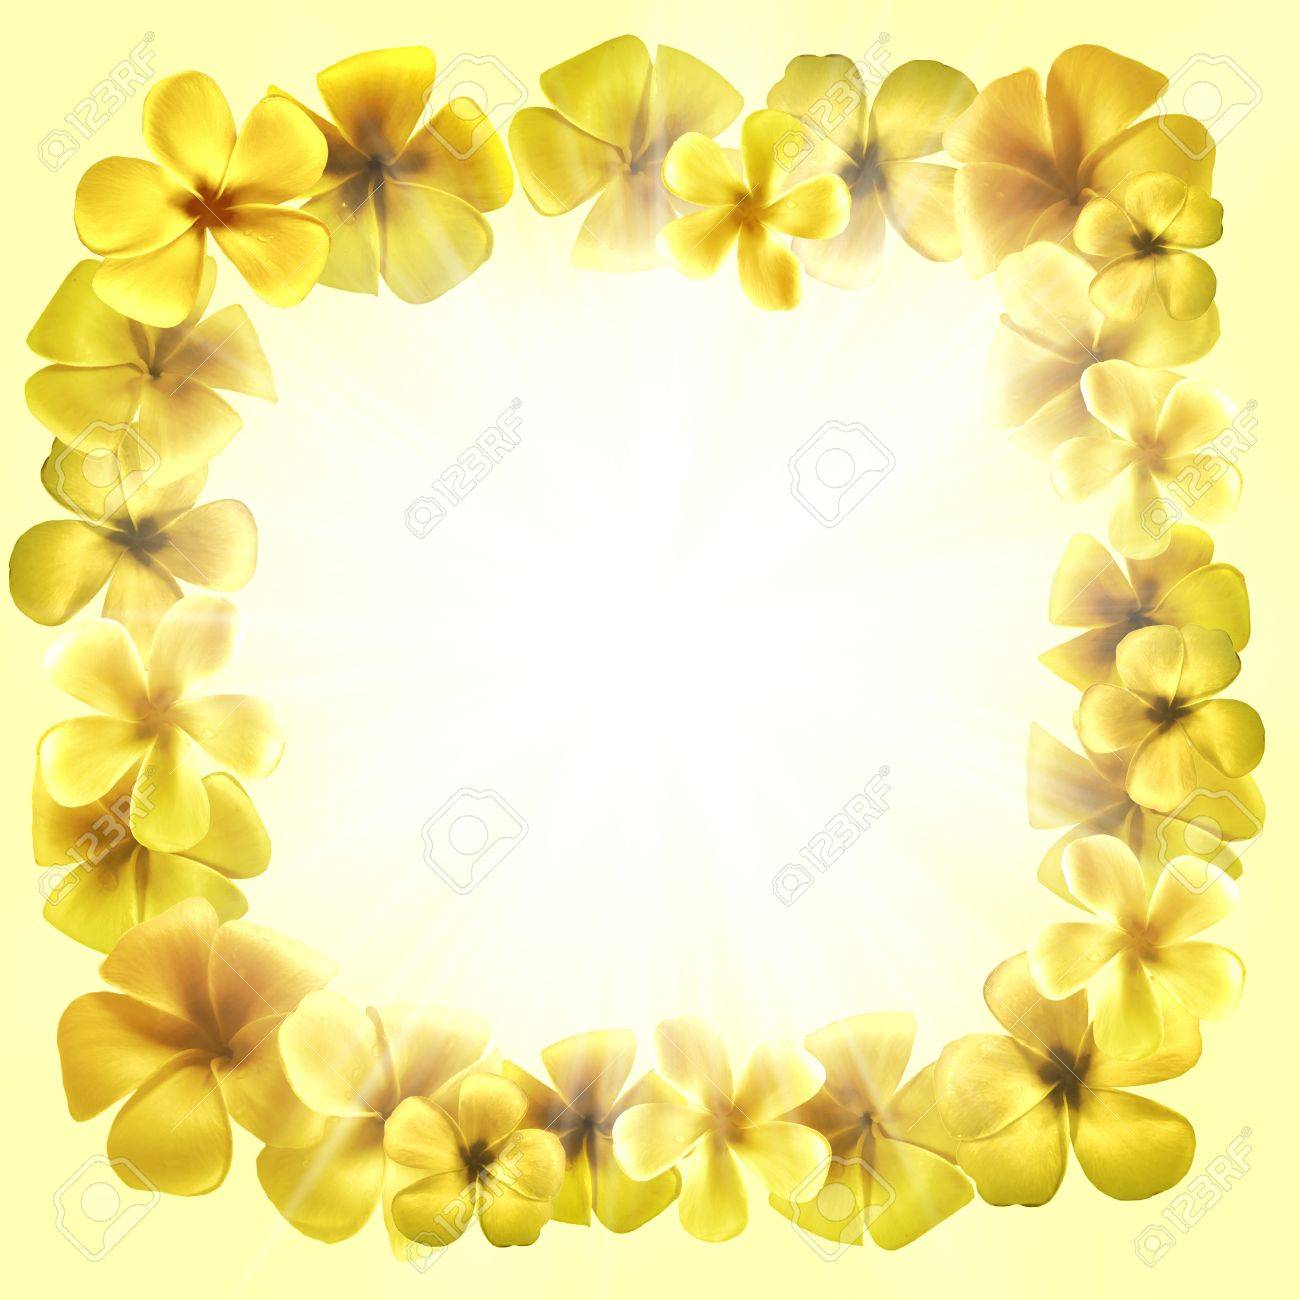 Blumen Bilderrahmen design rahmen form mit goldenen plumeria blumen bilderrahmen